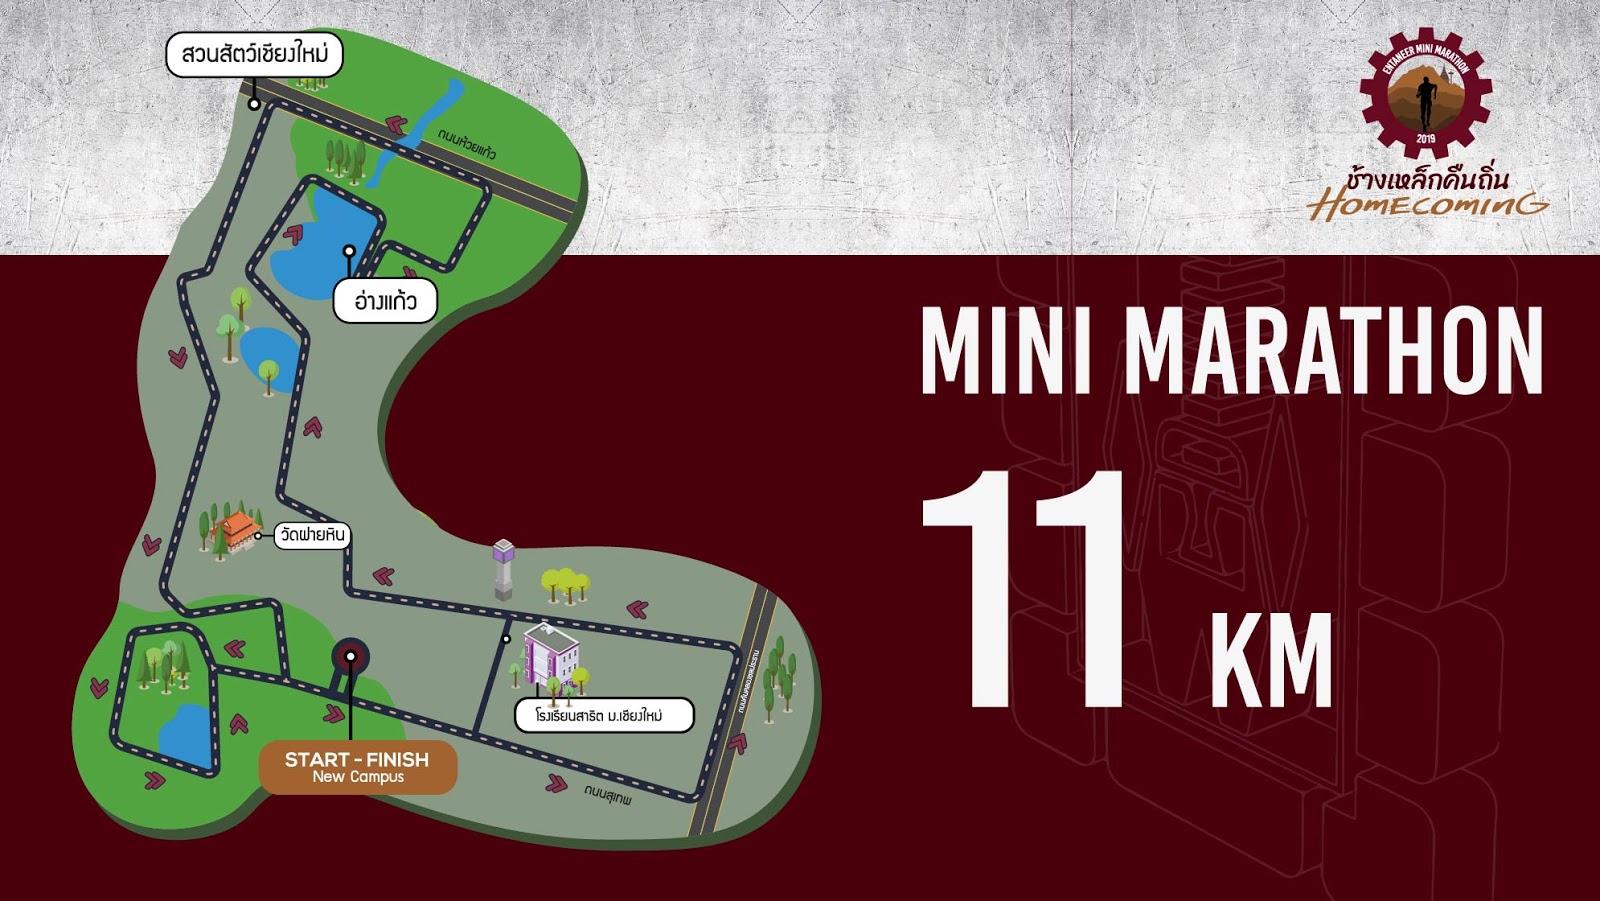 ช้างเหล็ก มินิมาราธอน ครั้งที่ ๒ ตอน ช้างเหล็กคืนถิ่น - Entaneer Mini Marathon EP.2